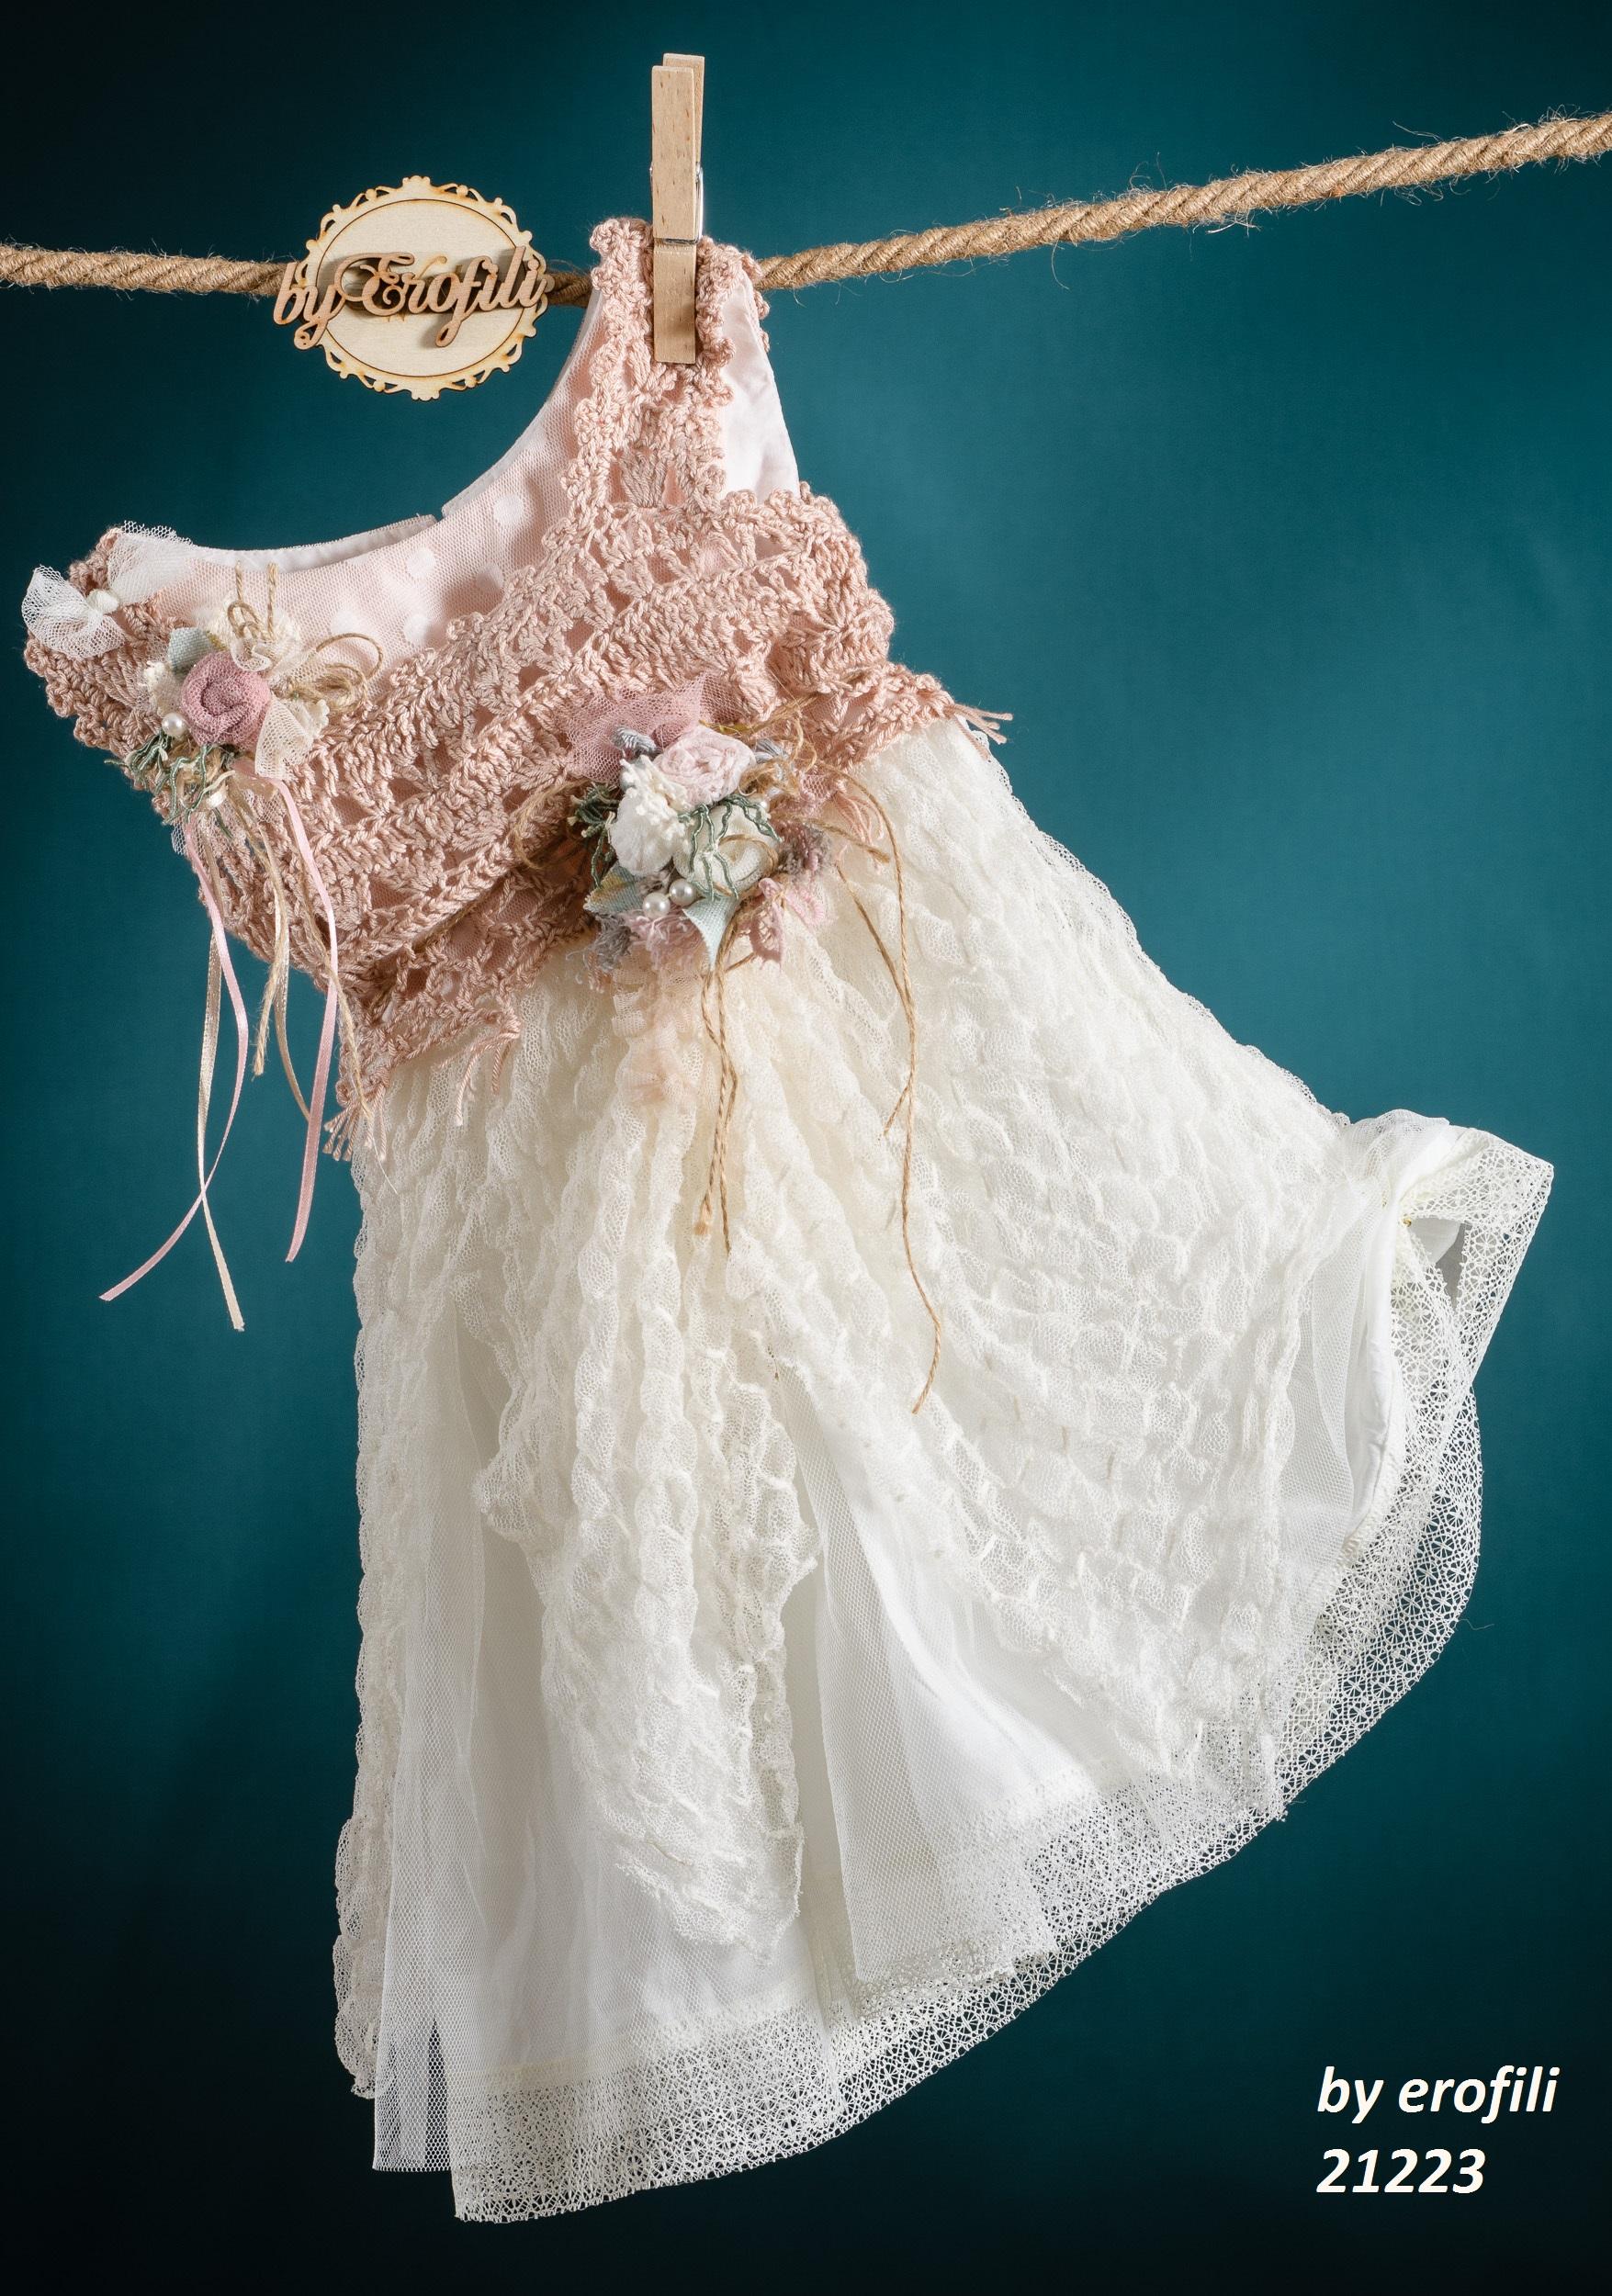 Ένα γλυκύτατο βαφτιστικό σύνολο για κορίτσι σε ροζ και λευκό που περιλαμβάνει:  Φόρεμα (φόδρα από 100% βαμβάκι) με μπούστο πλεγμένο στο χέρι με βελονάκι, πουά και τούλινες λεπτομέρειες και ένα μοναδικό συνδυασμό υφών στη φούστα  Στεφανάκι με ασορτί χειροποίητα λουλούδια